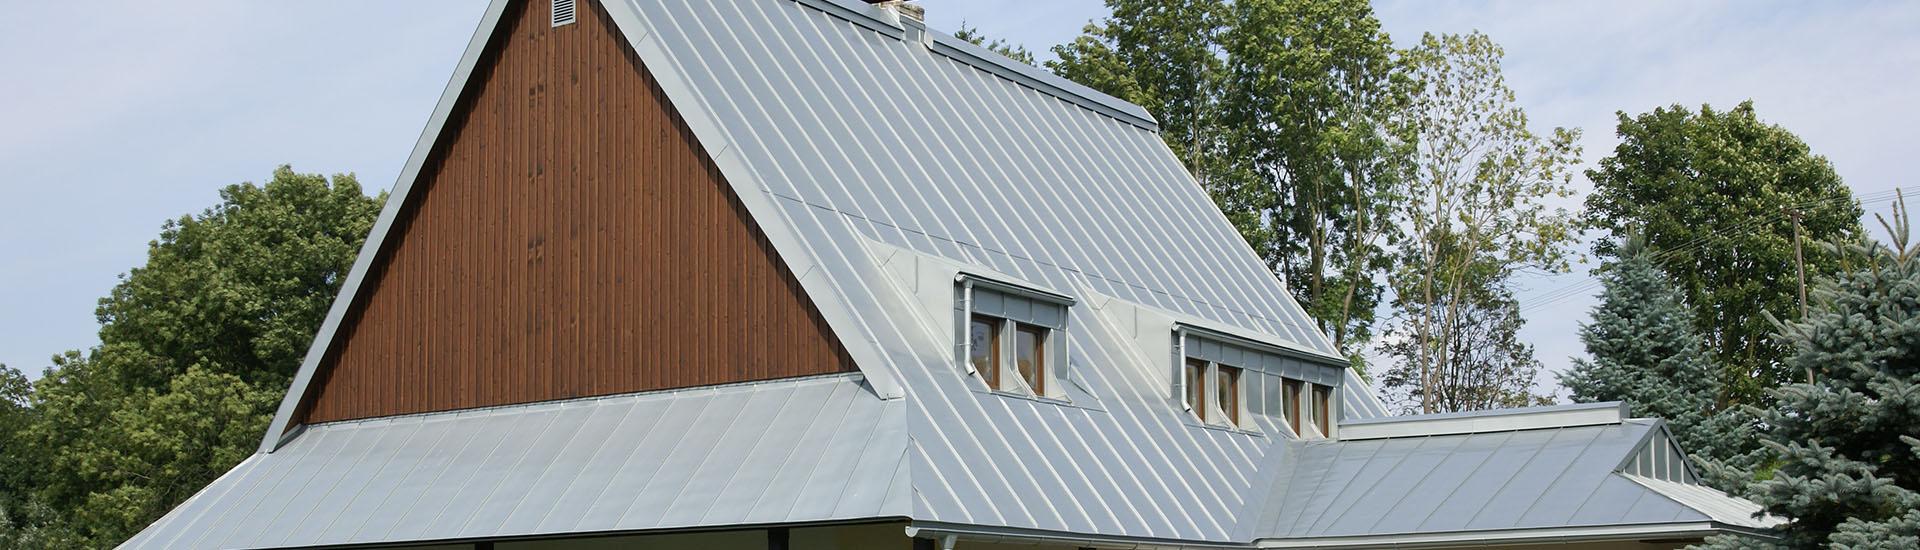 TEJKL, s.r.o. - kompletní realizace střech